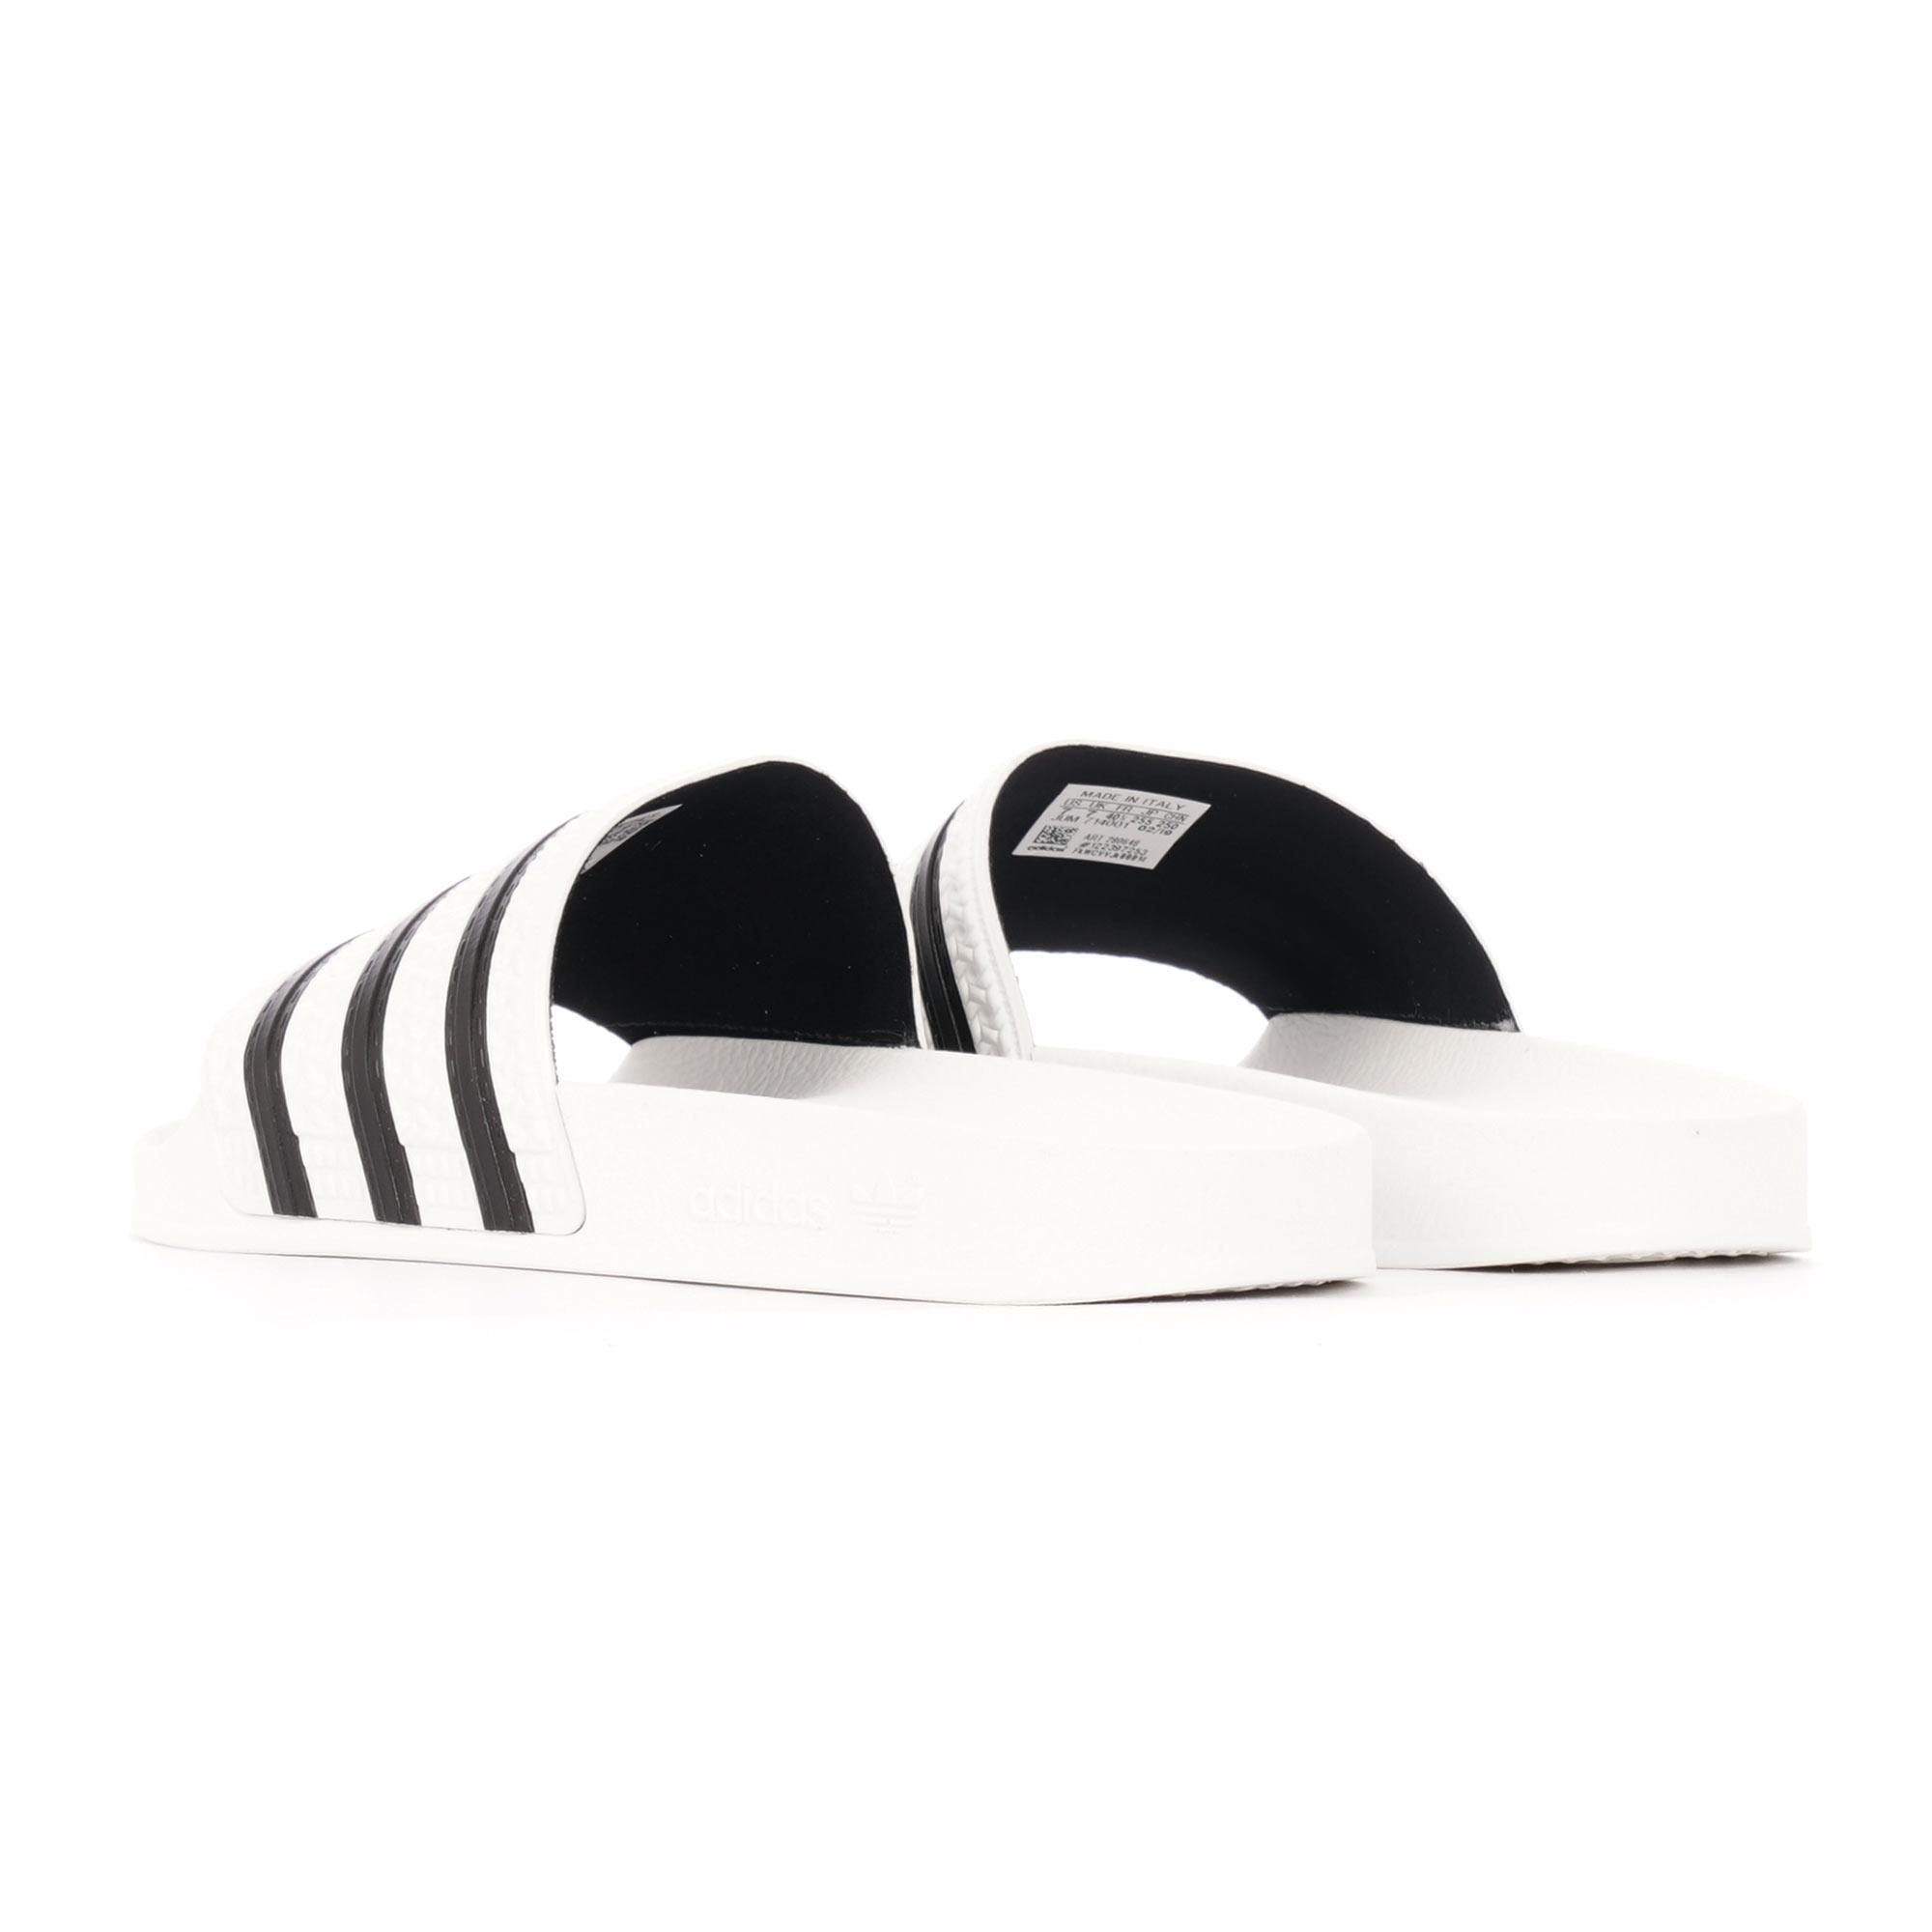 ca7531dc8 adidas Originals Adilette Slides for Men - Lyst